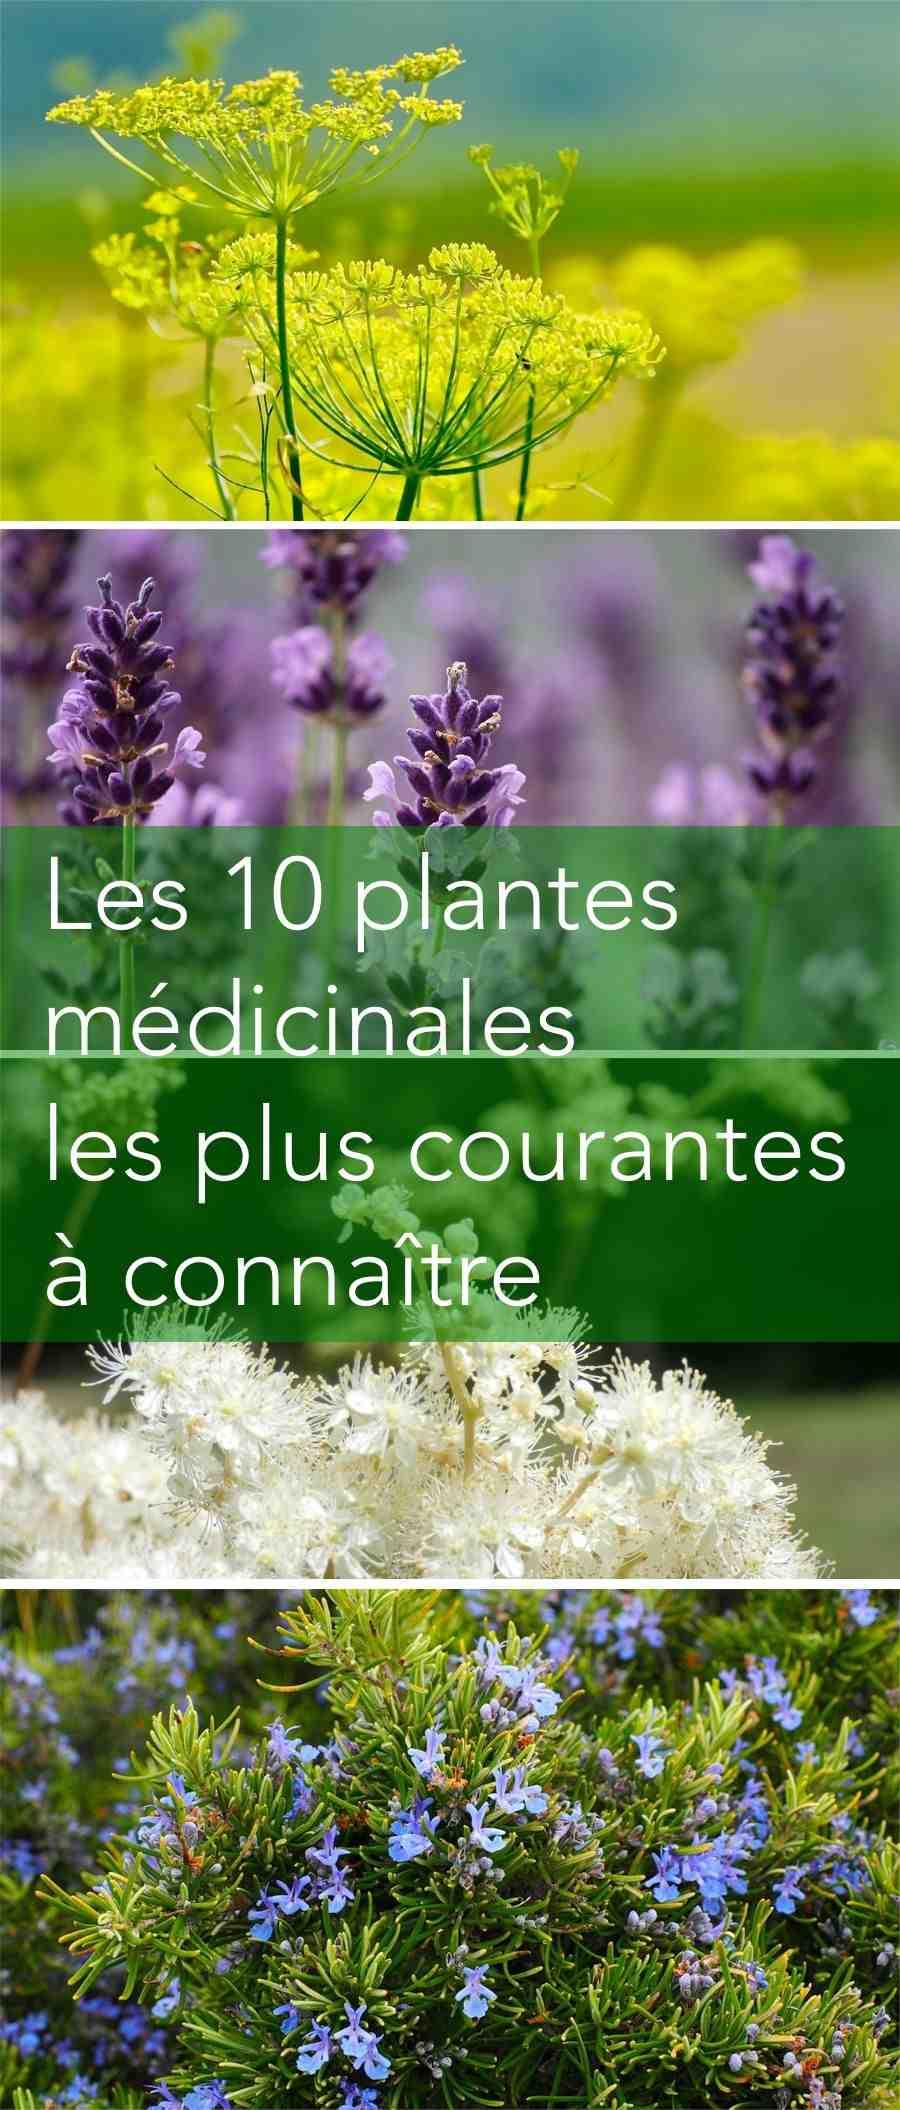 Où trouver des plantes médicinales?